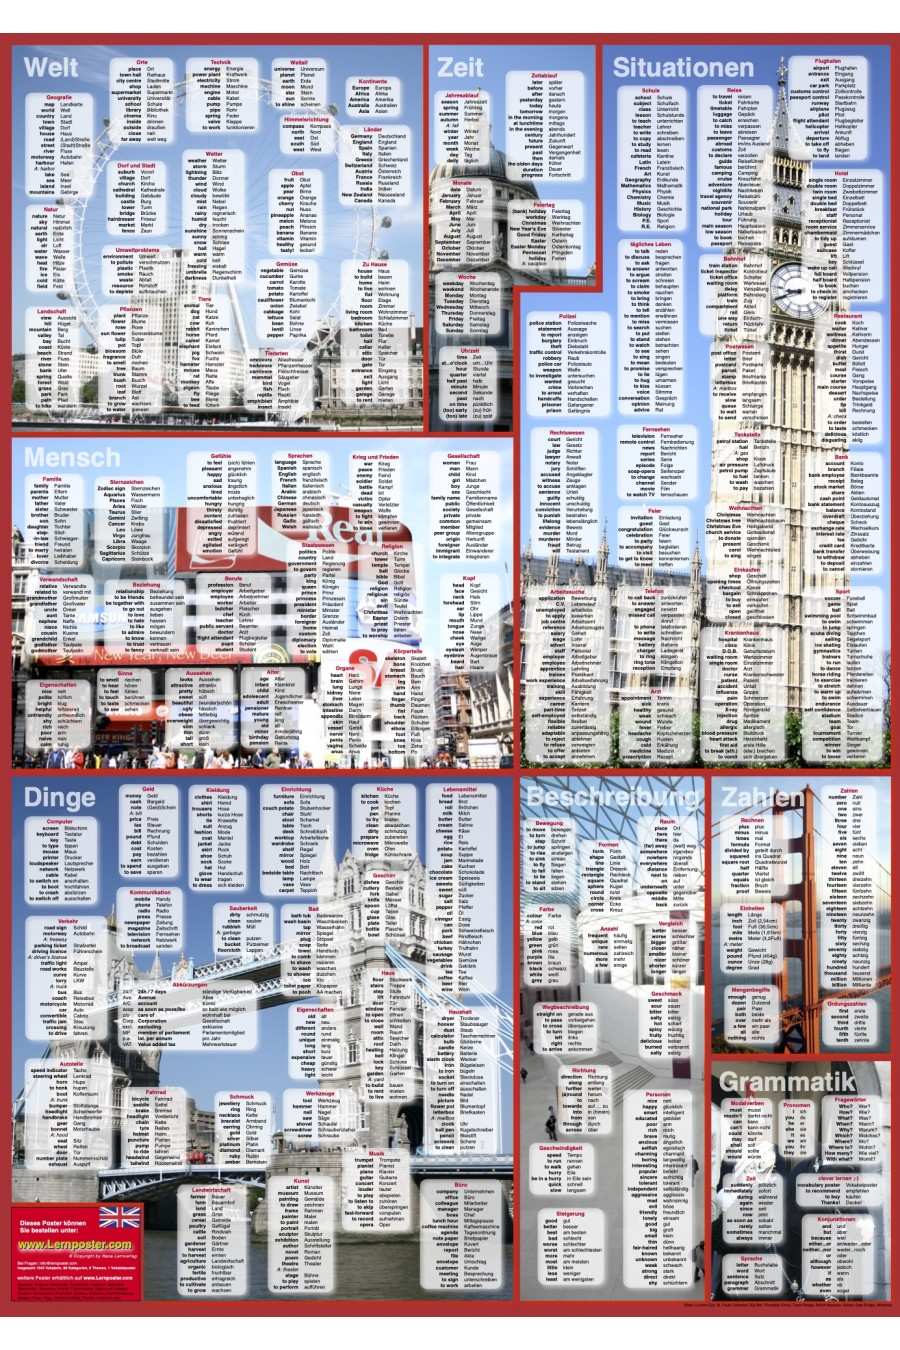 Englisch Deutsch Vokabeln Poster Lernhilfe Vokabelposter Unterichtsmaterial Poster leichter lernen mit lernposter lernplakat